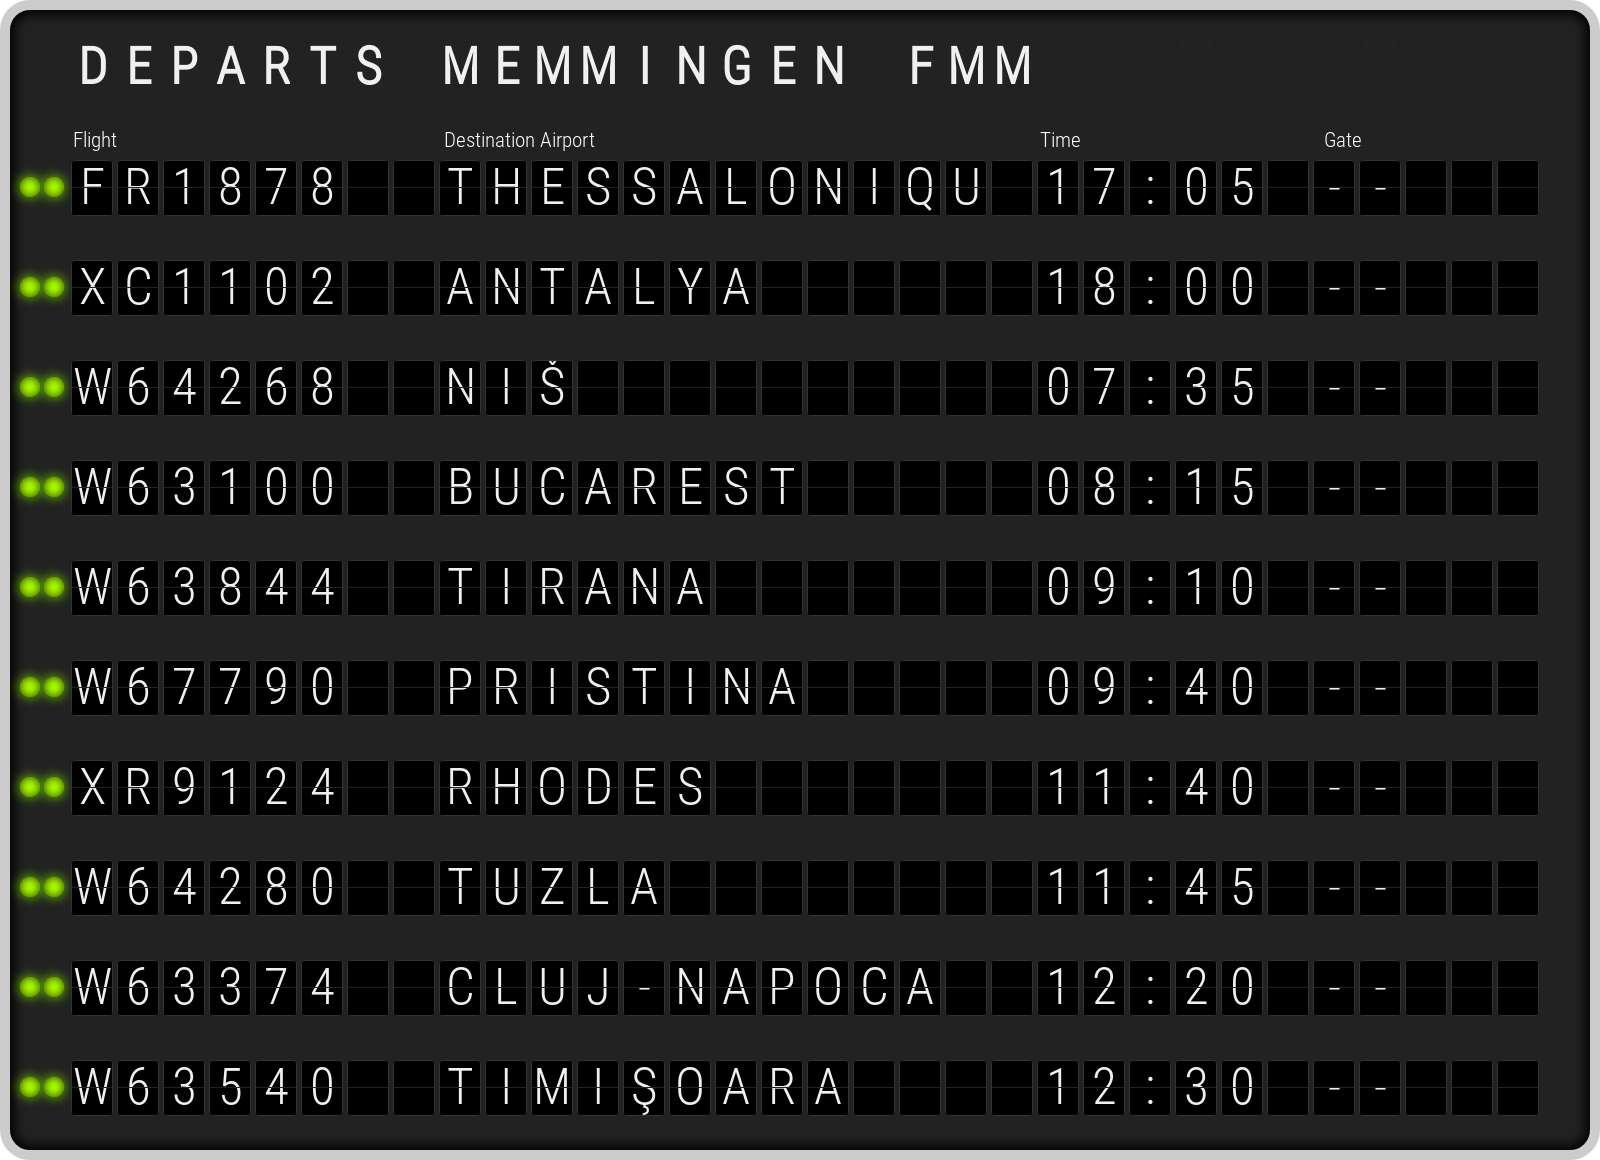 Memmingen Departs FMM.  départs  Aéroport Memmingen